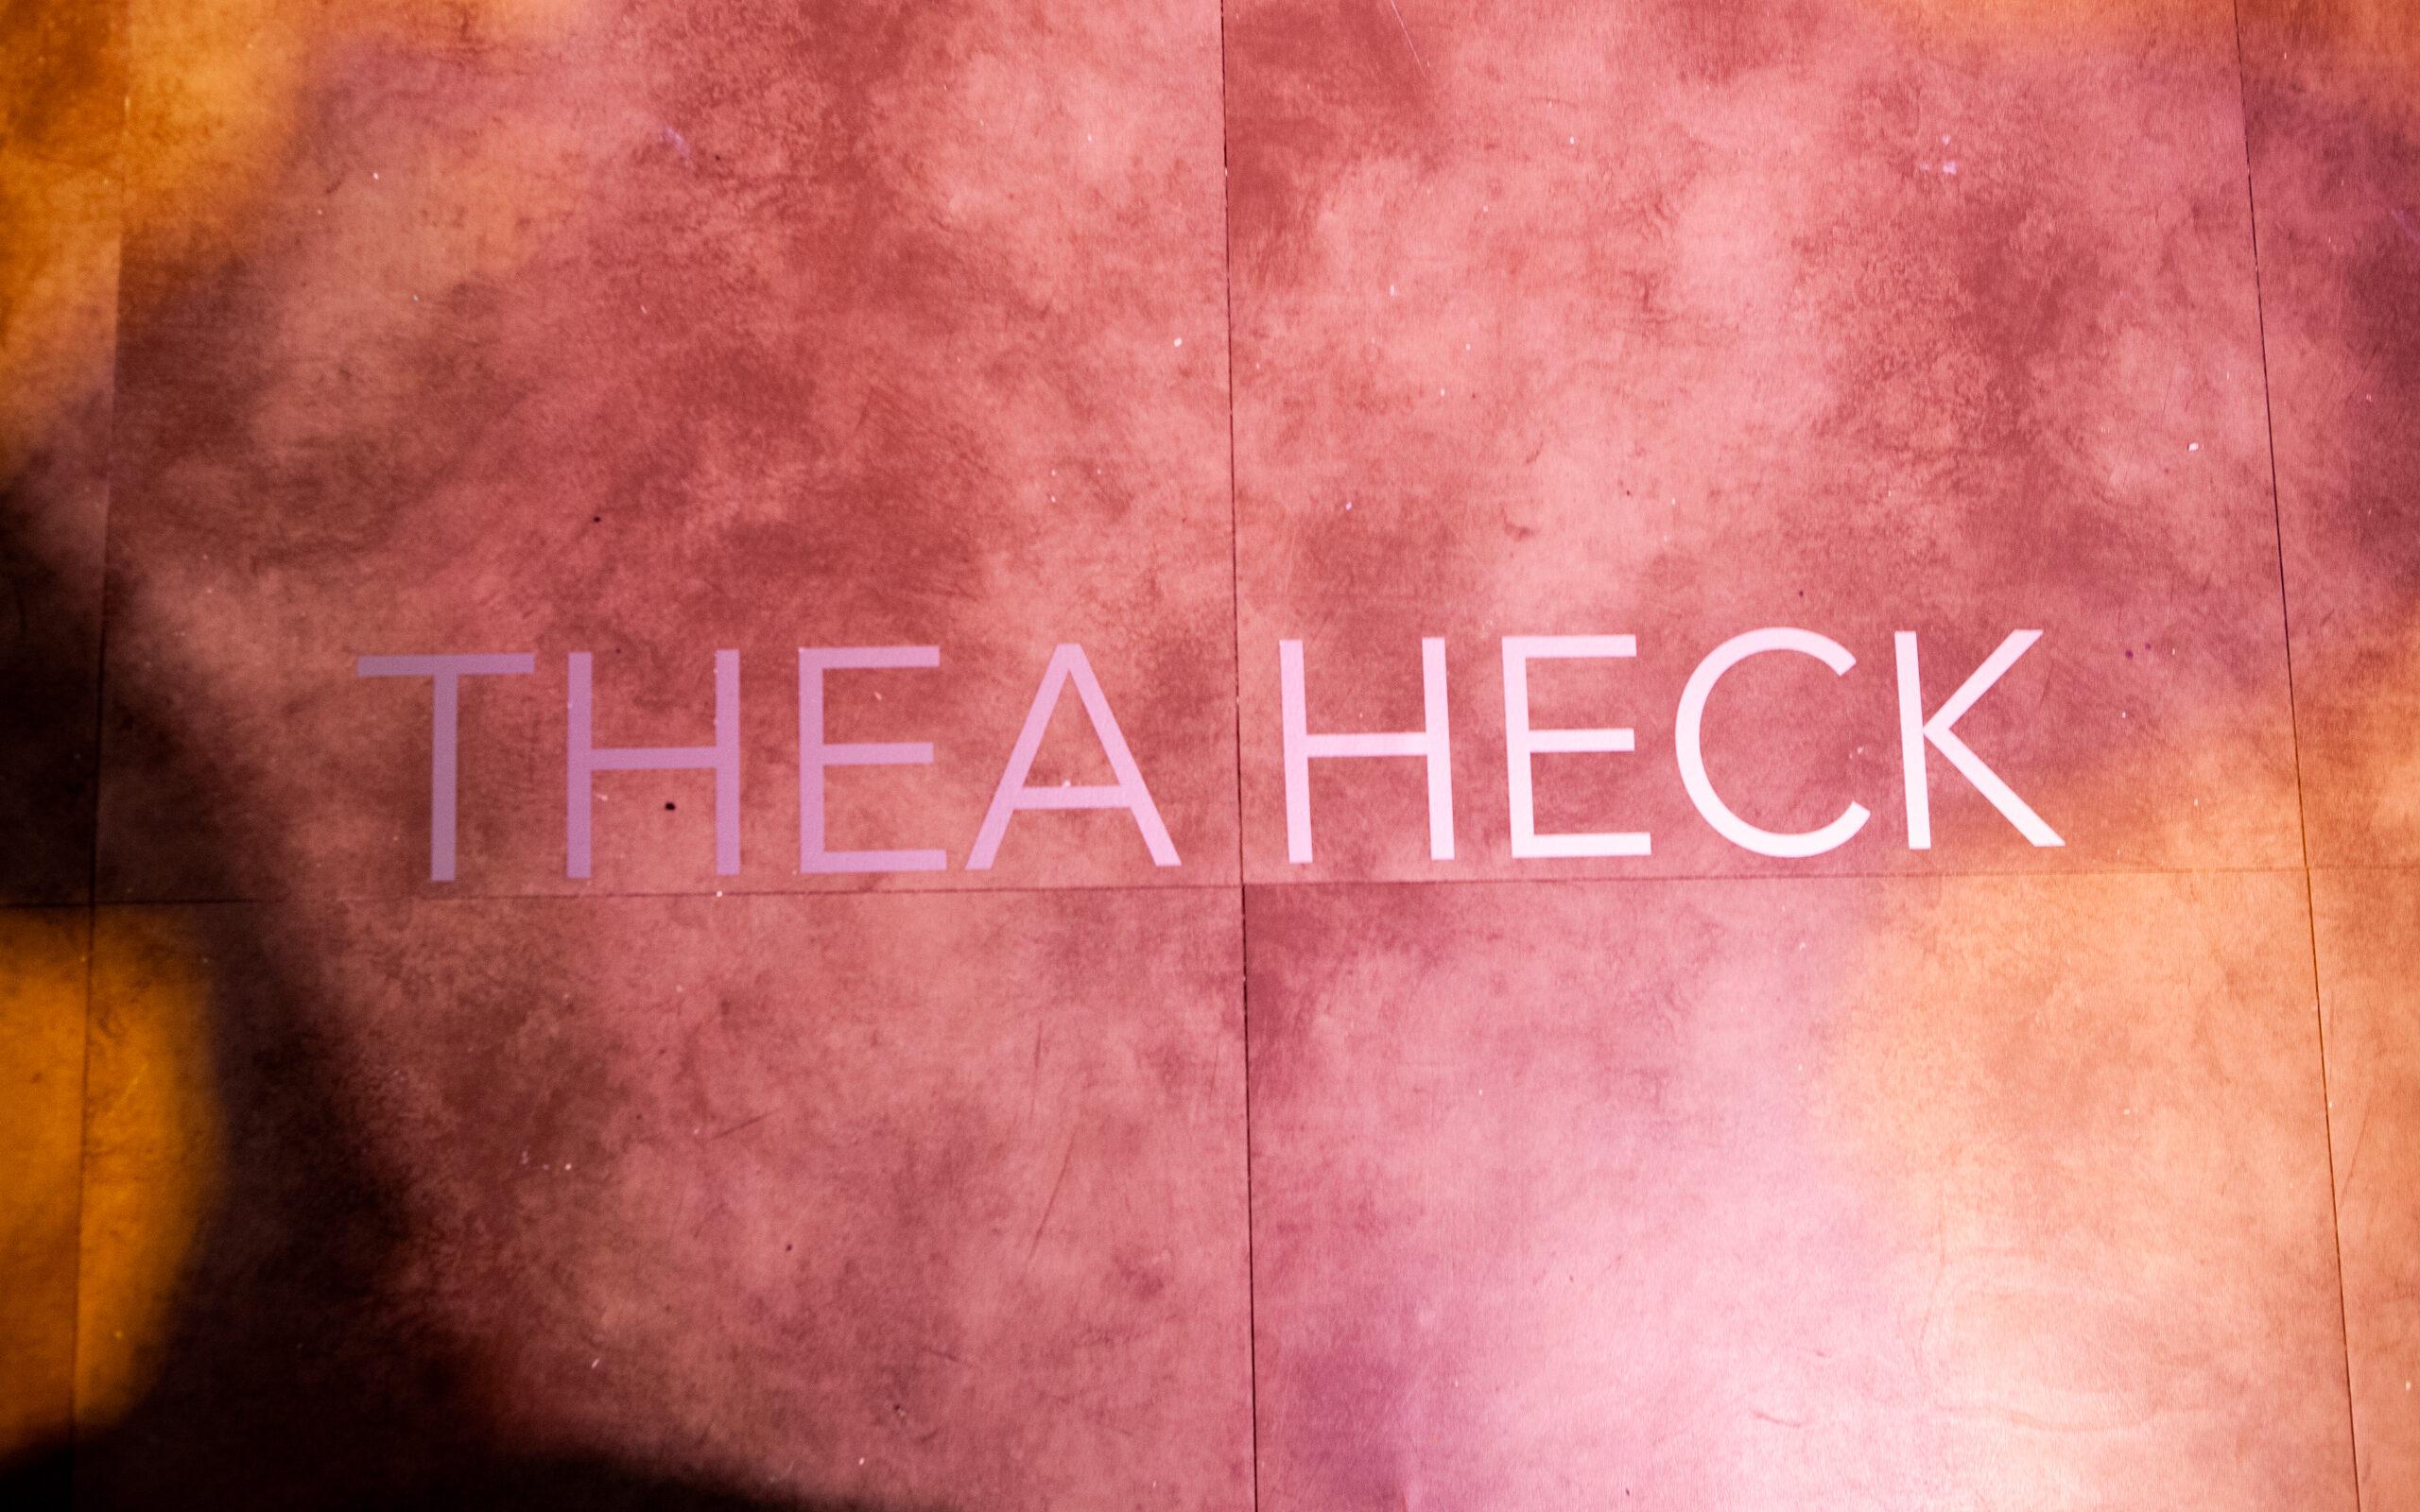 Thea Heck's Name